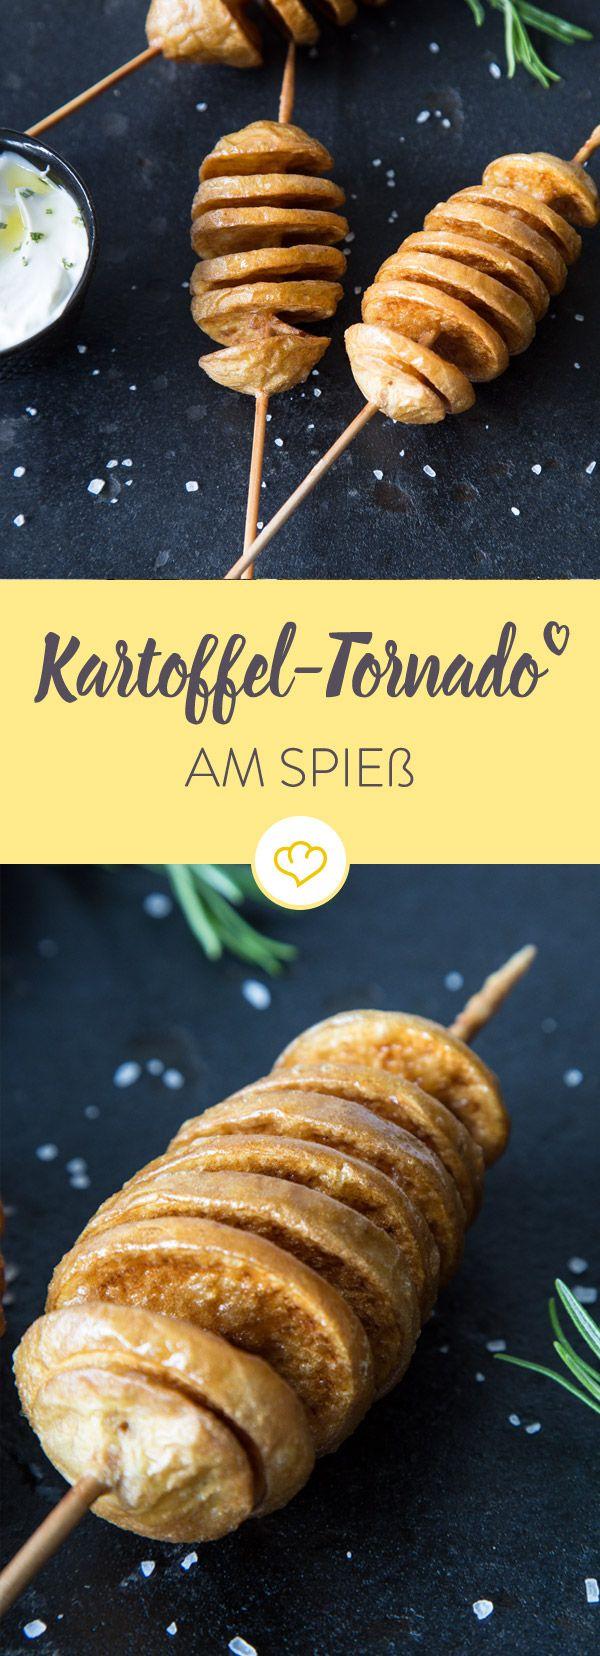 Mit diesen Spießen werden nicht nur die Kartoffeln zu Tornados, sondern auch alle Personen um die herum. Perfekt als Beilage oder Snack für Zwischendurch.